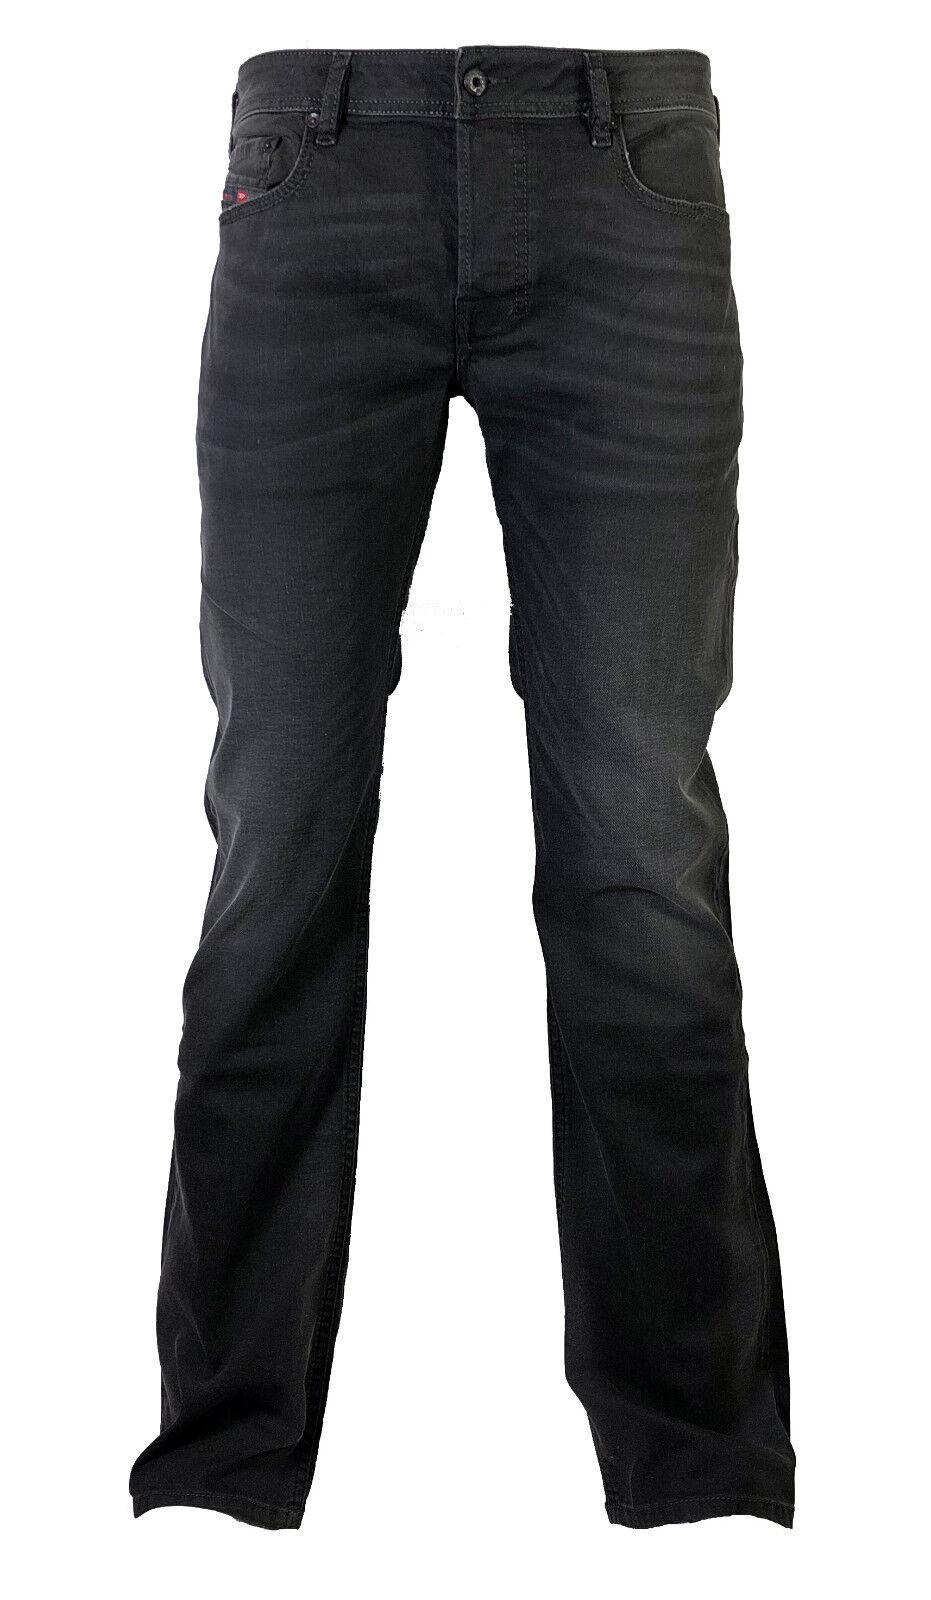 DIESEL Stretch Jeans ZATINY 0822R